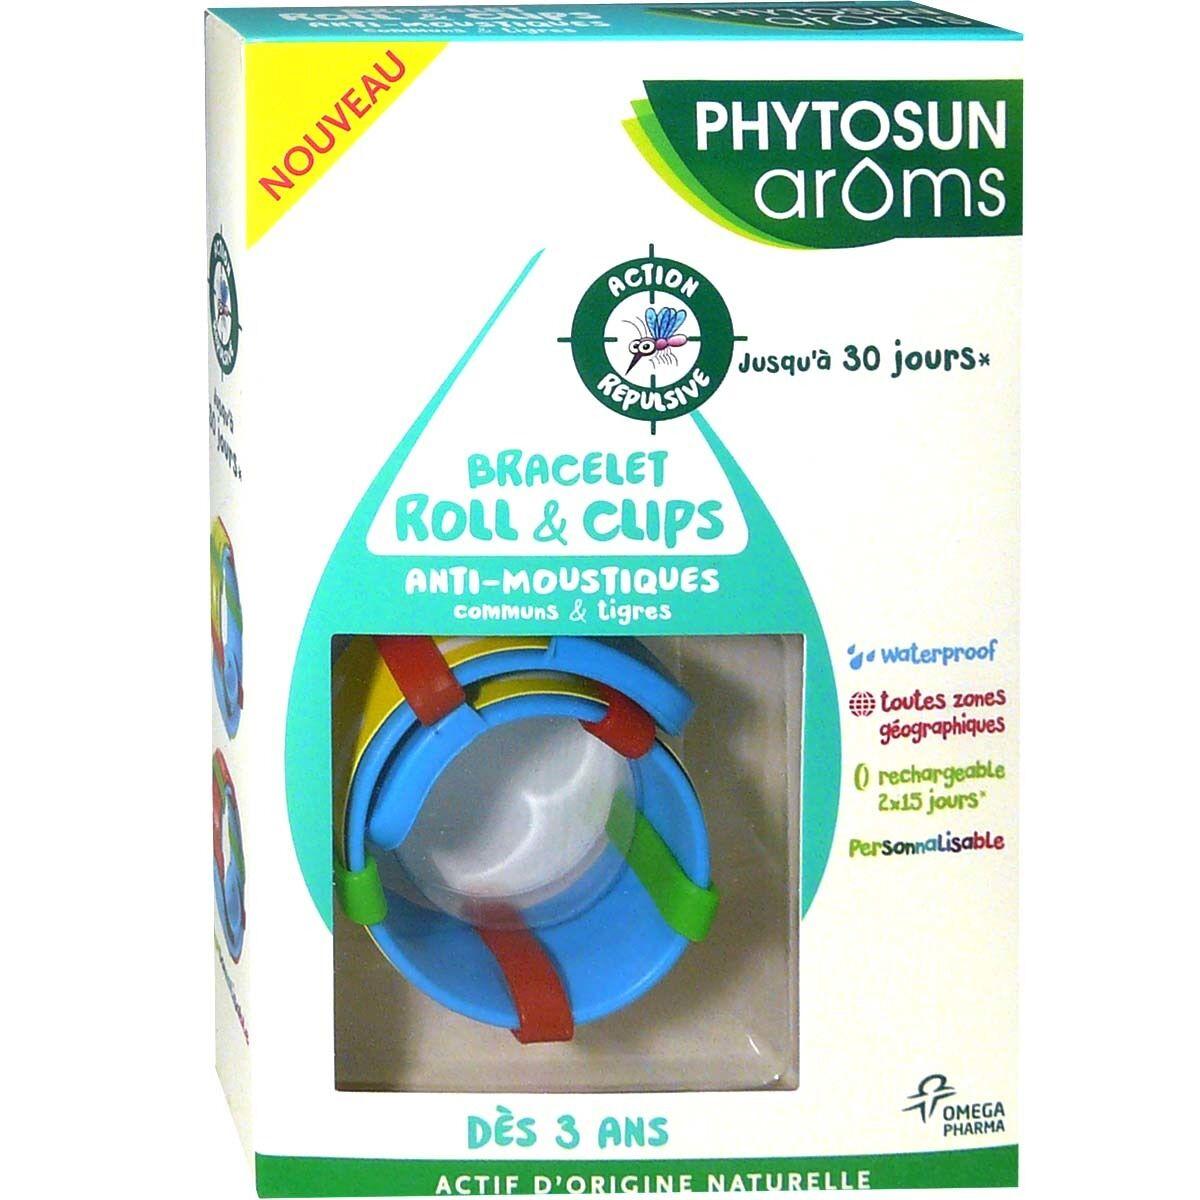 Phytosun aroms bracelet roll&clips anti-moustiques enfants des 3ans